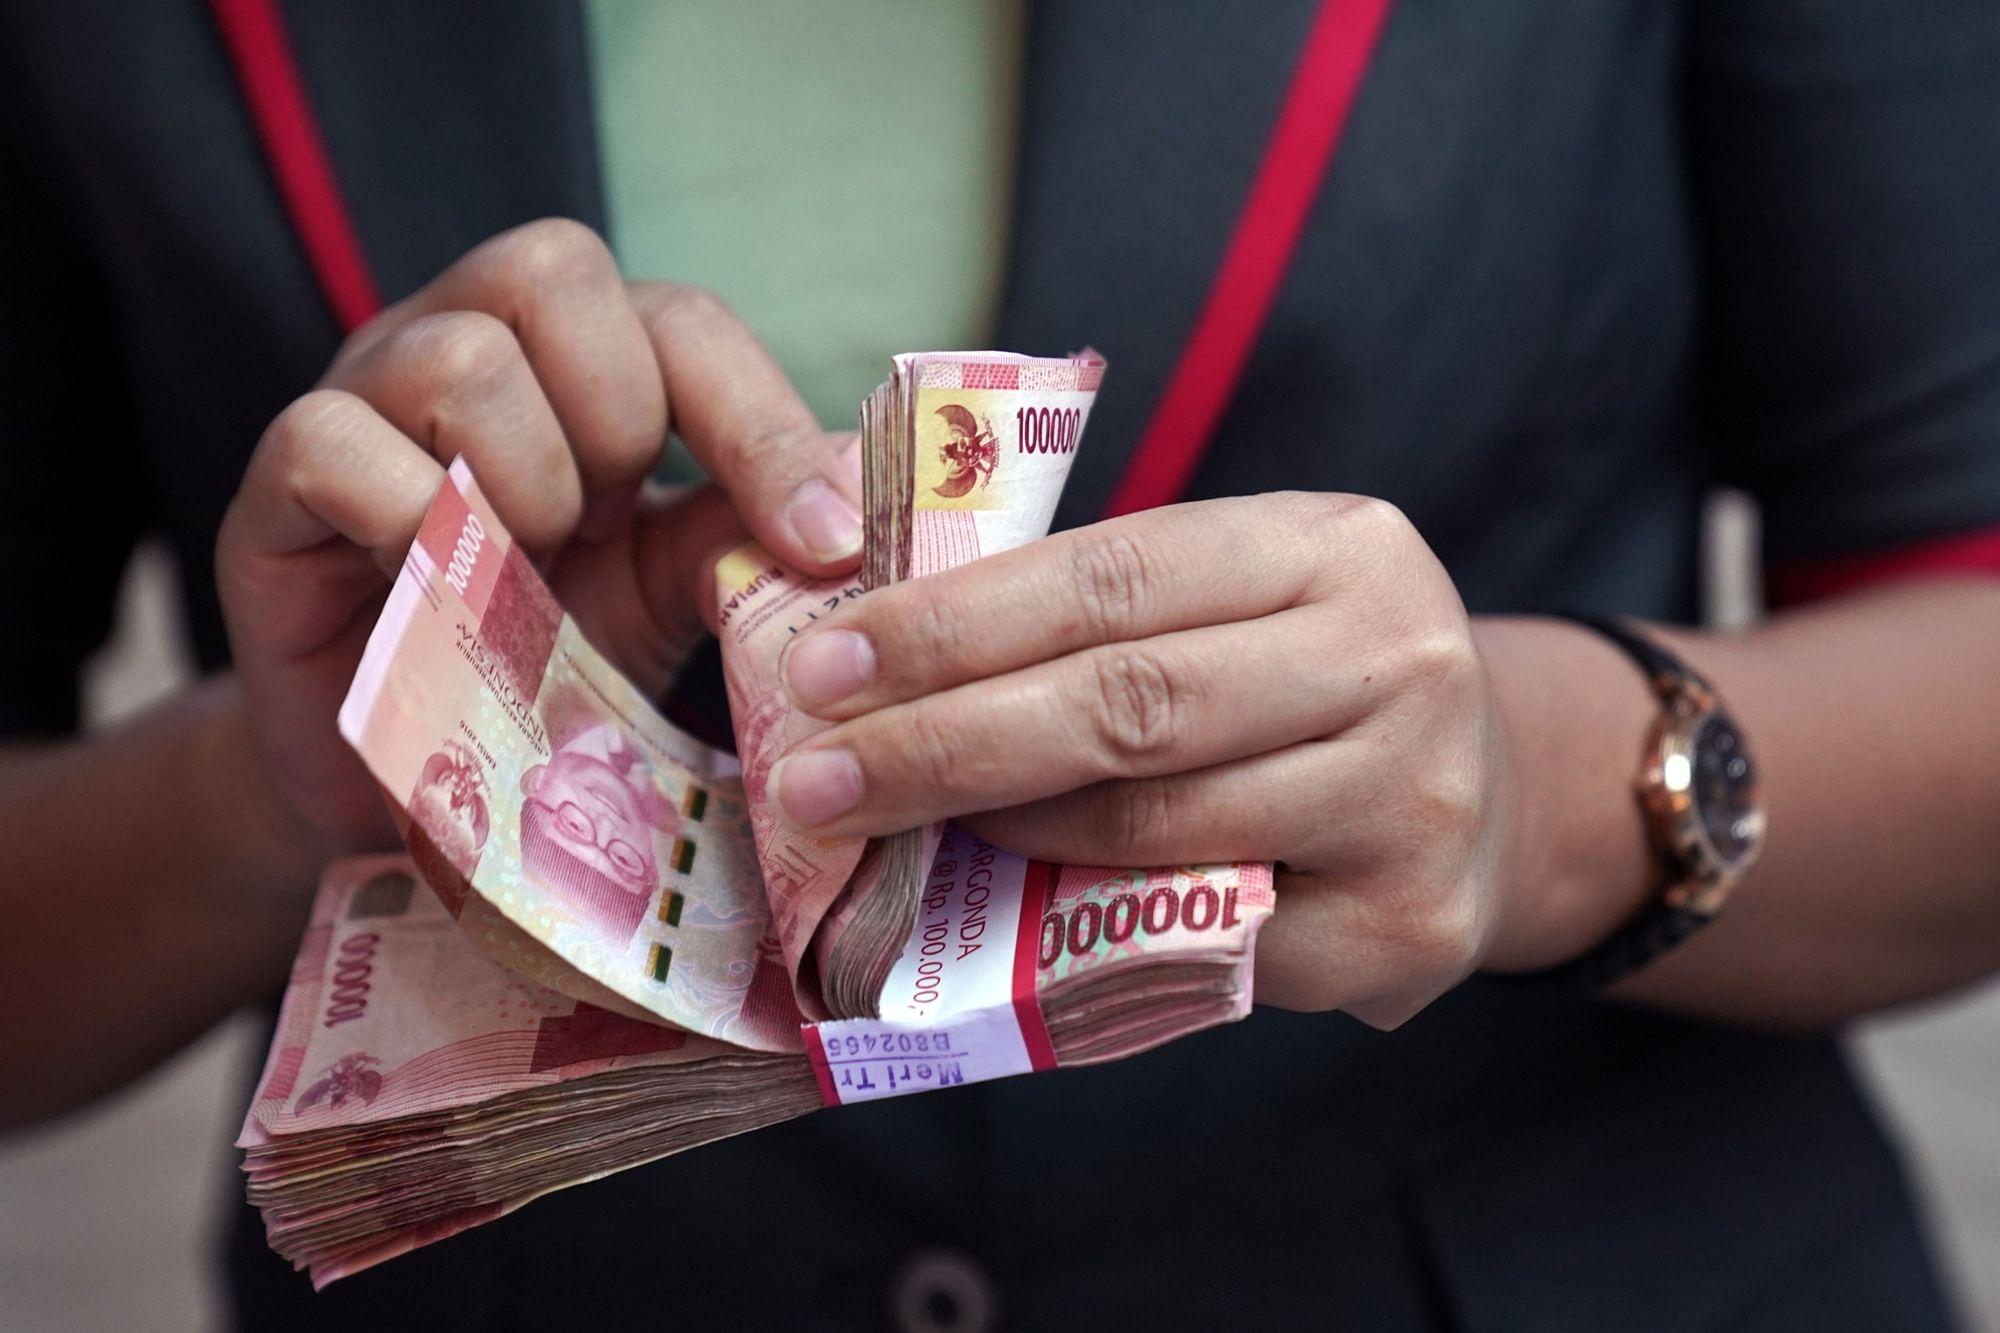 Berapa rupiah republika hrvatska 50000 Mengubah Kuna